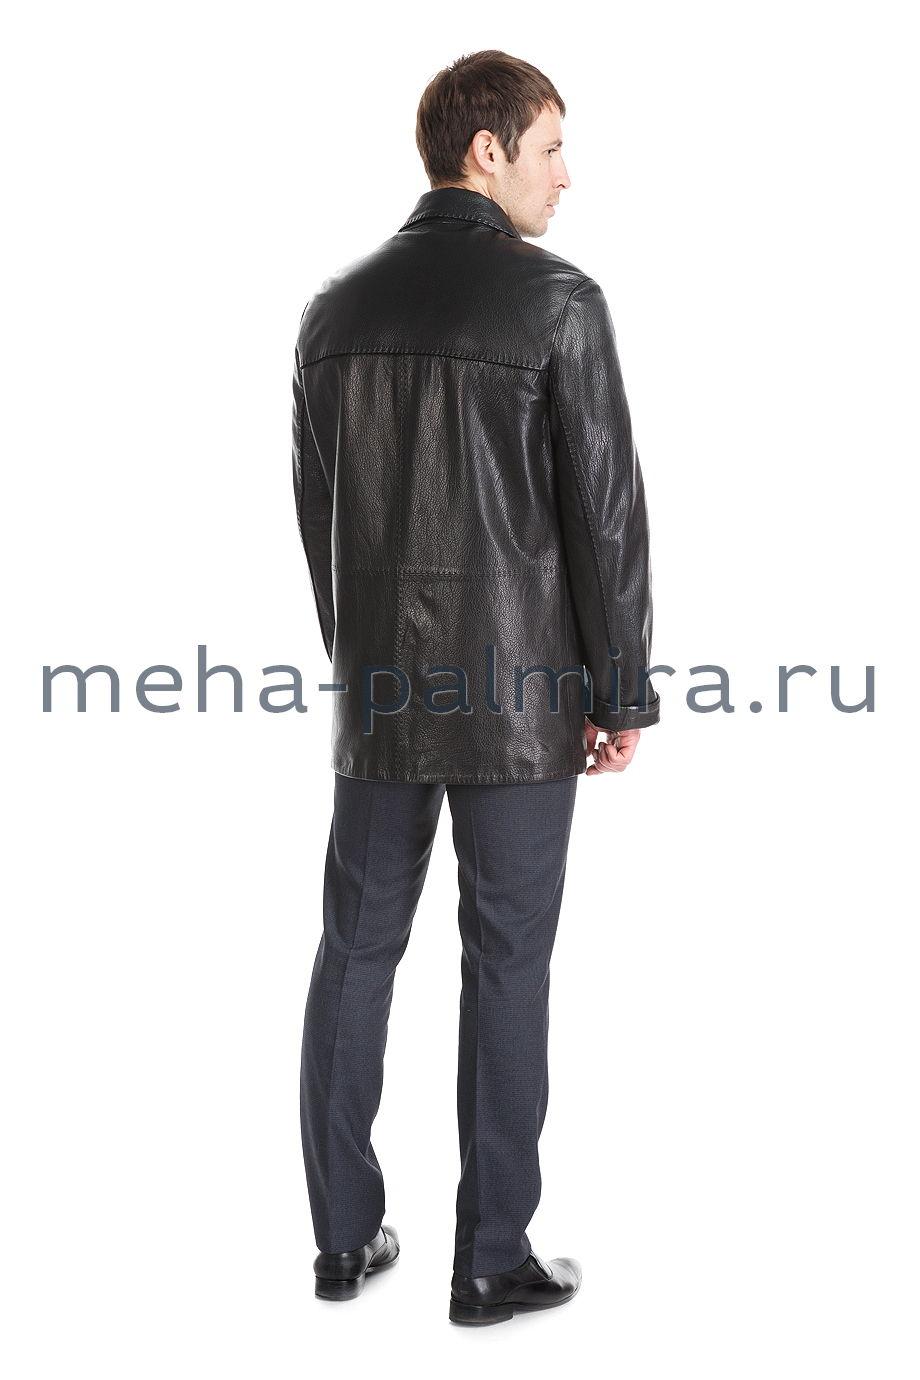 Мужская удлиненная кожаная куртка на пуговицах черного цвета